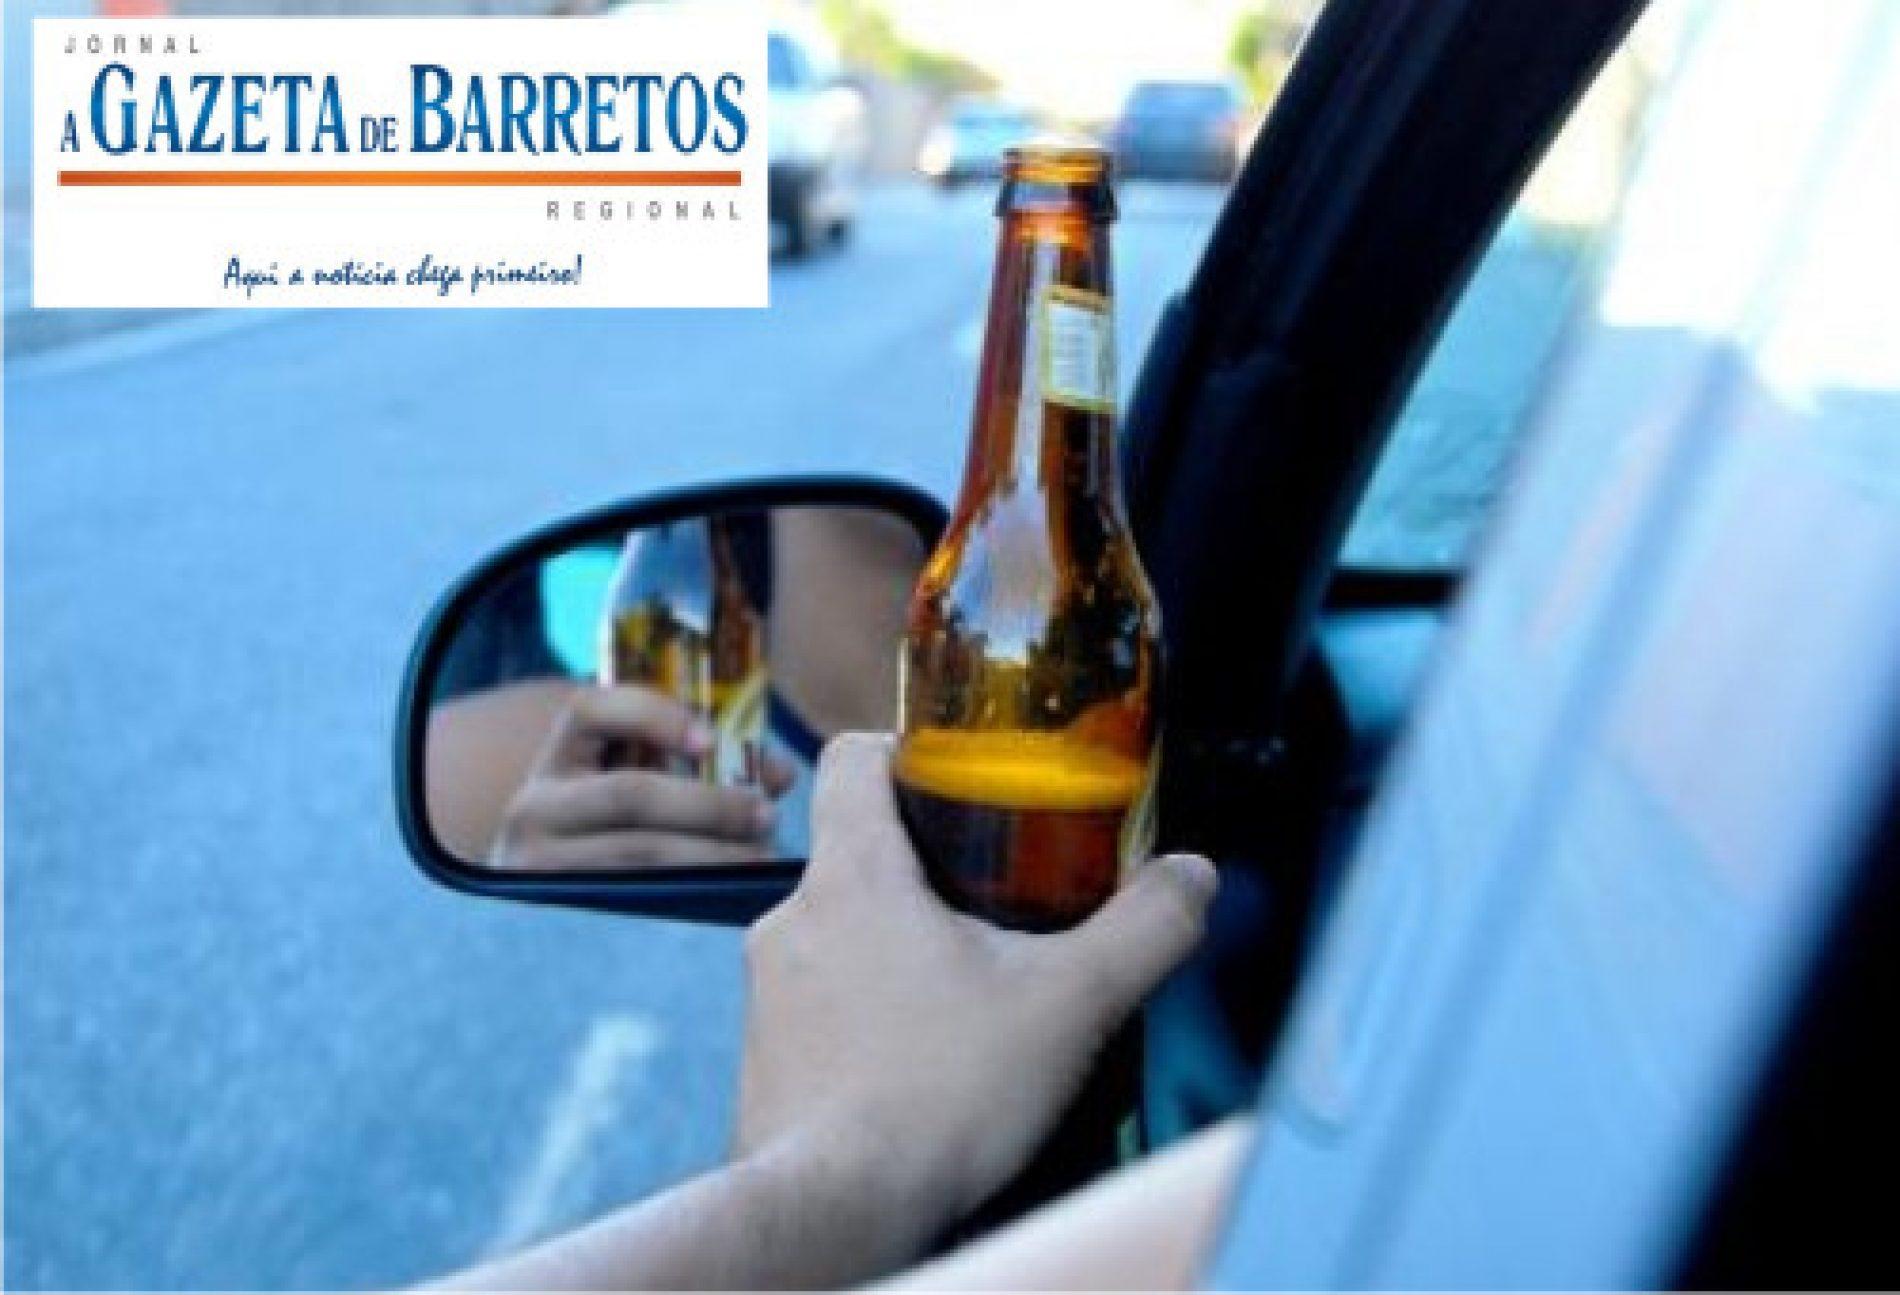 Pedreiro é preso por dirigir embriagado